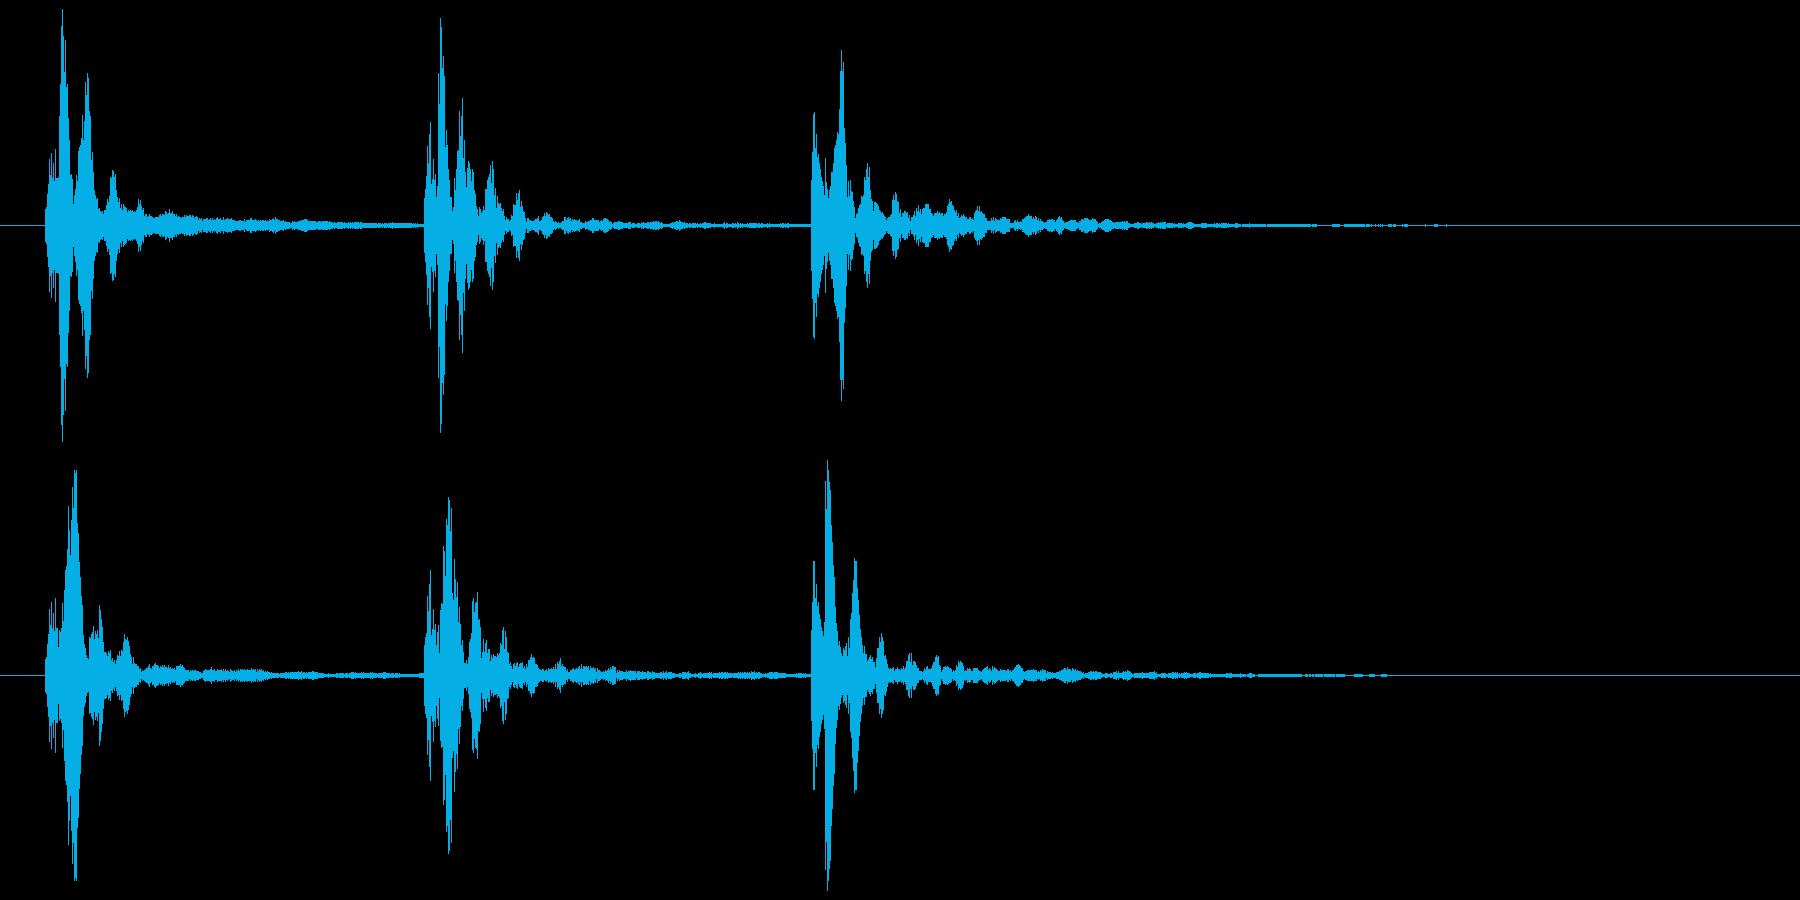 水が滴るような音の再生済みの波形